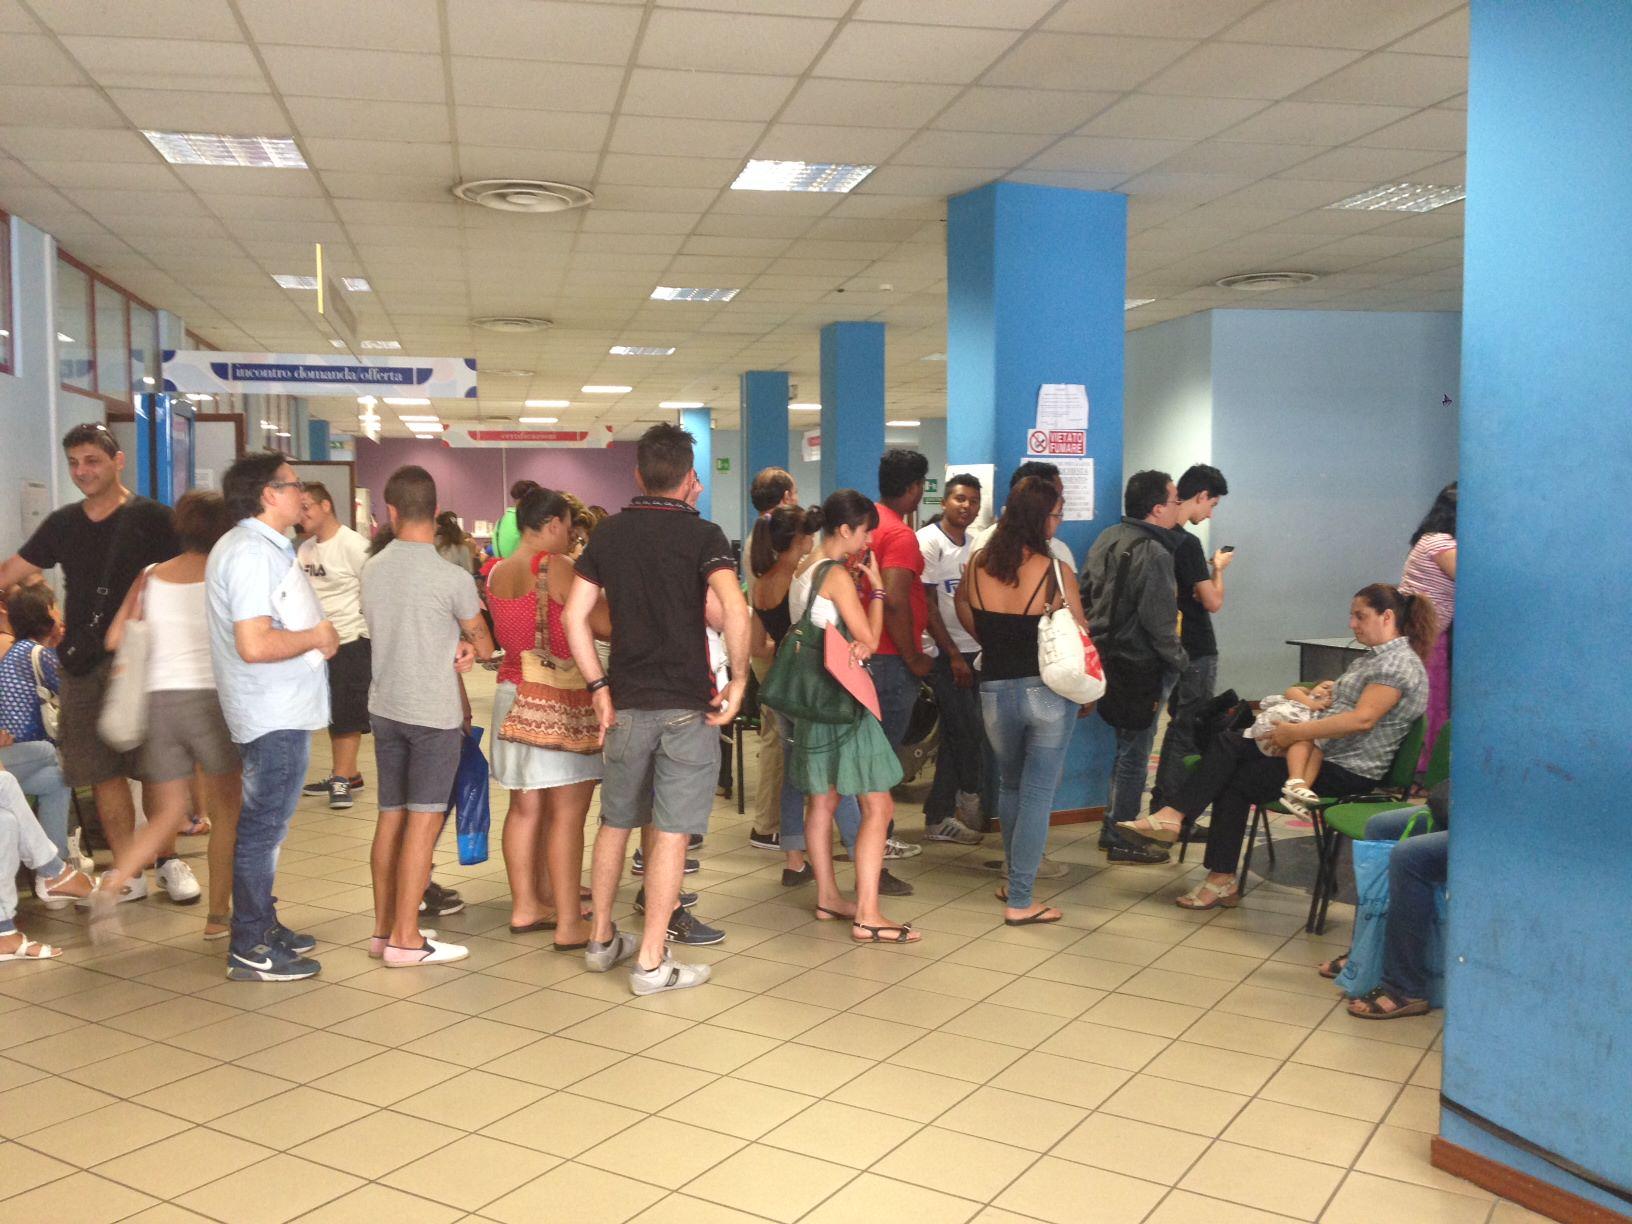 Ufficio Collocamento A Palermo : Palermo aggressione al collocamento: malmenati due dipendenti